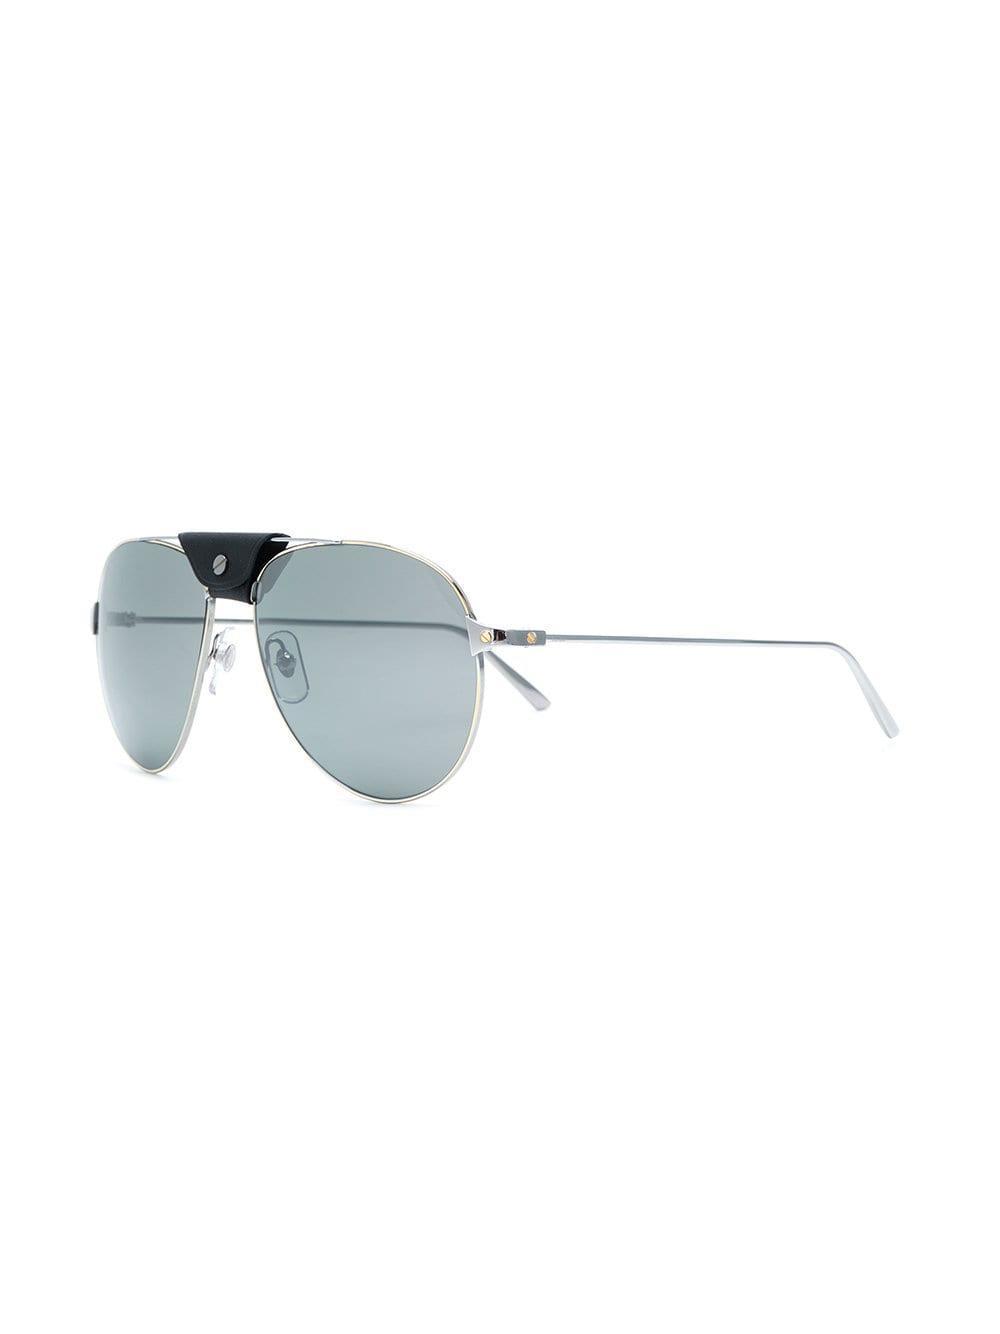 Con Metalizado Gafas Sol Barra Cuero De kXw0OP8n